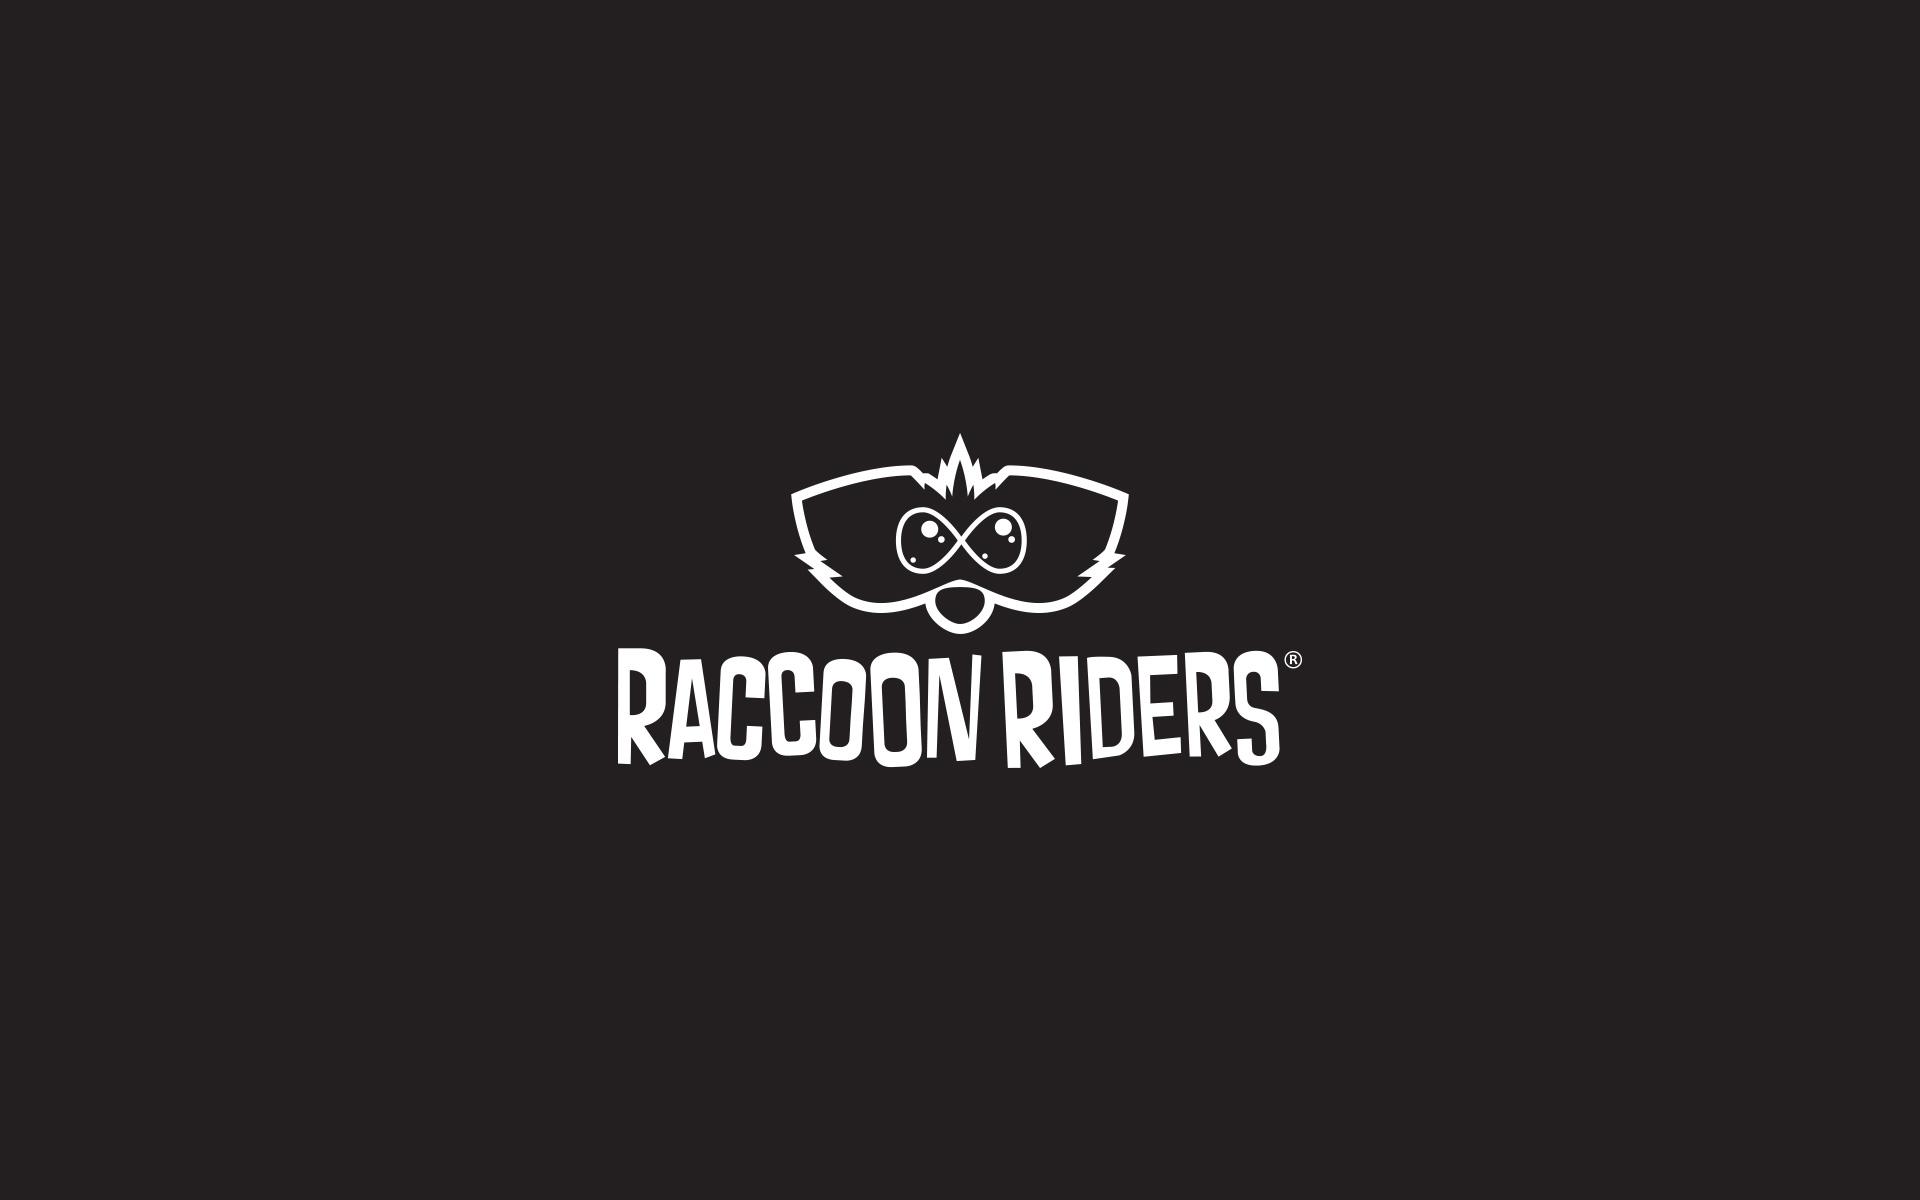 raccoonriders_premium_02